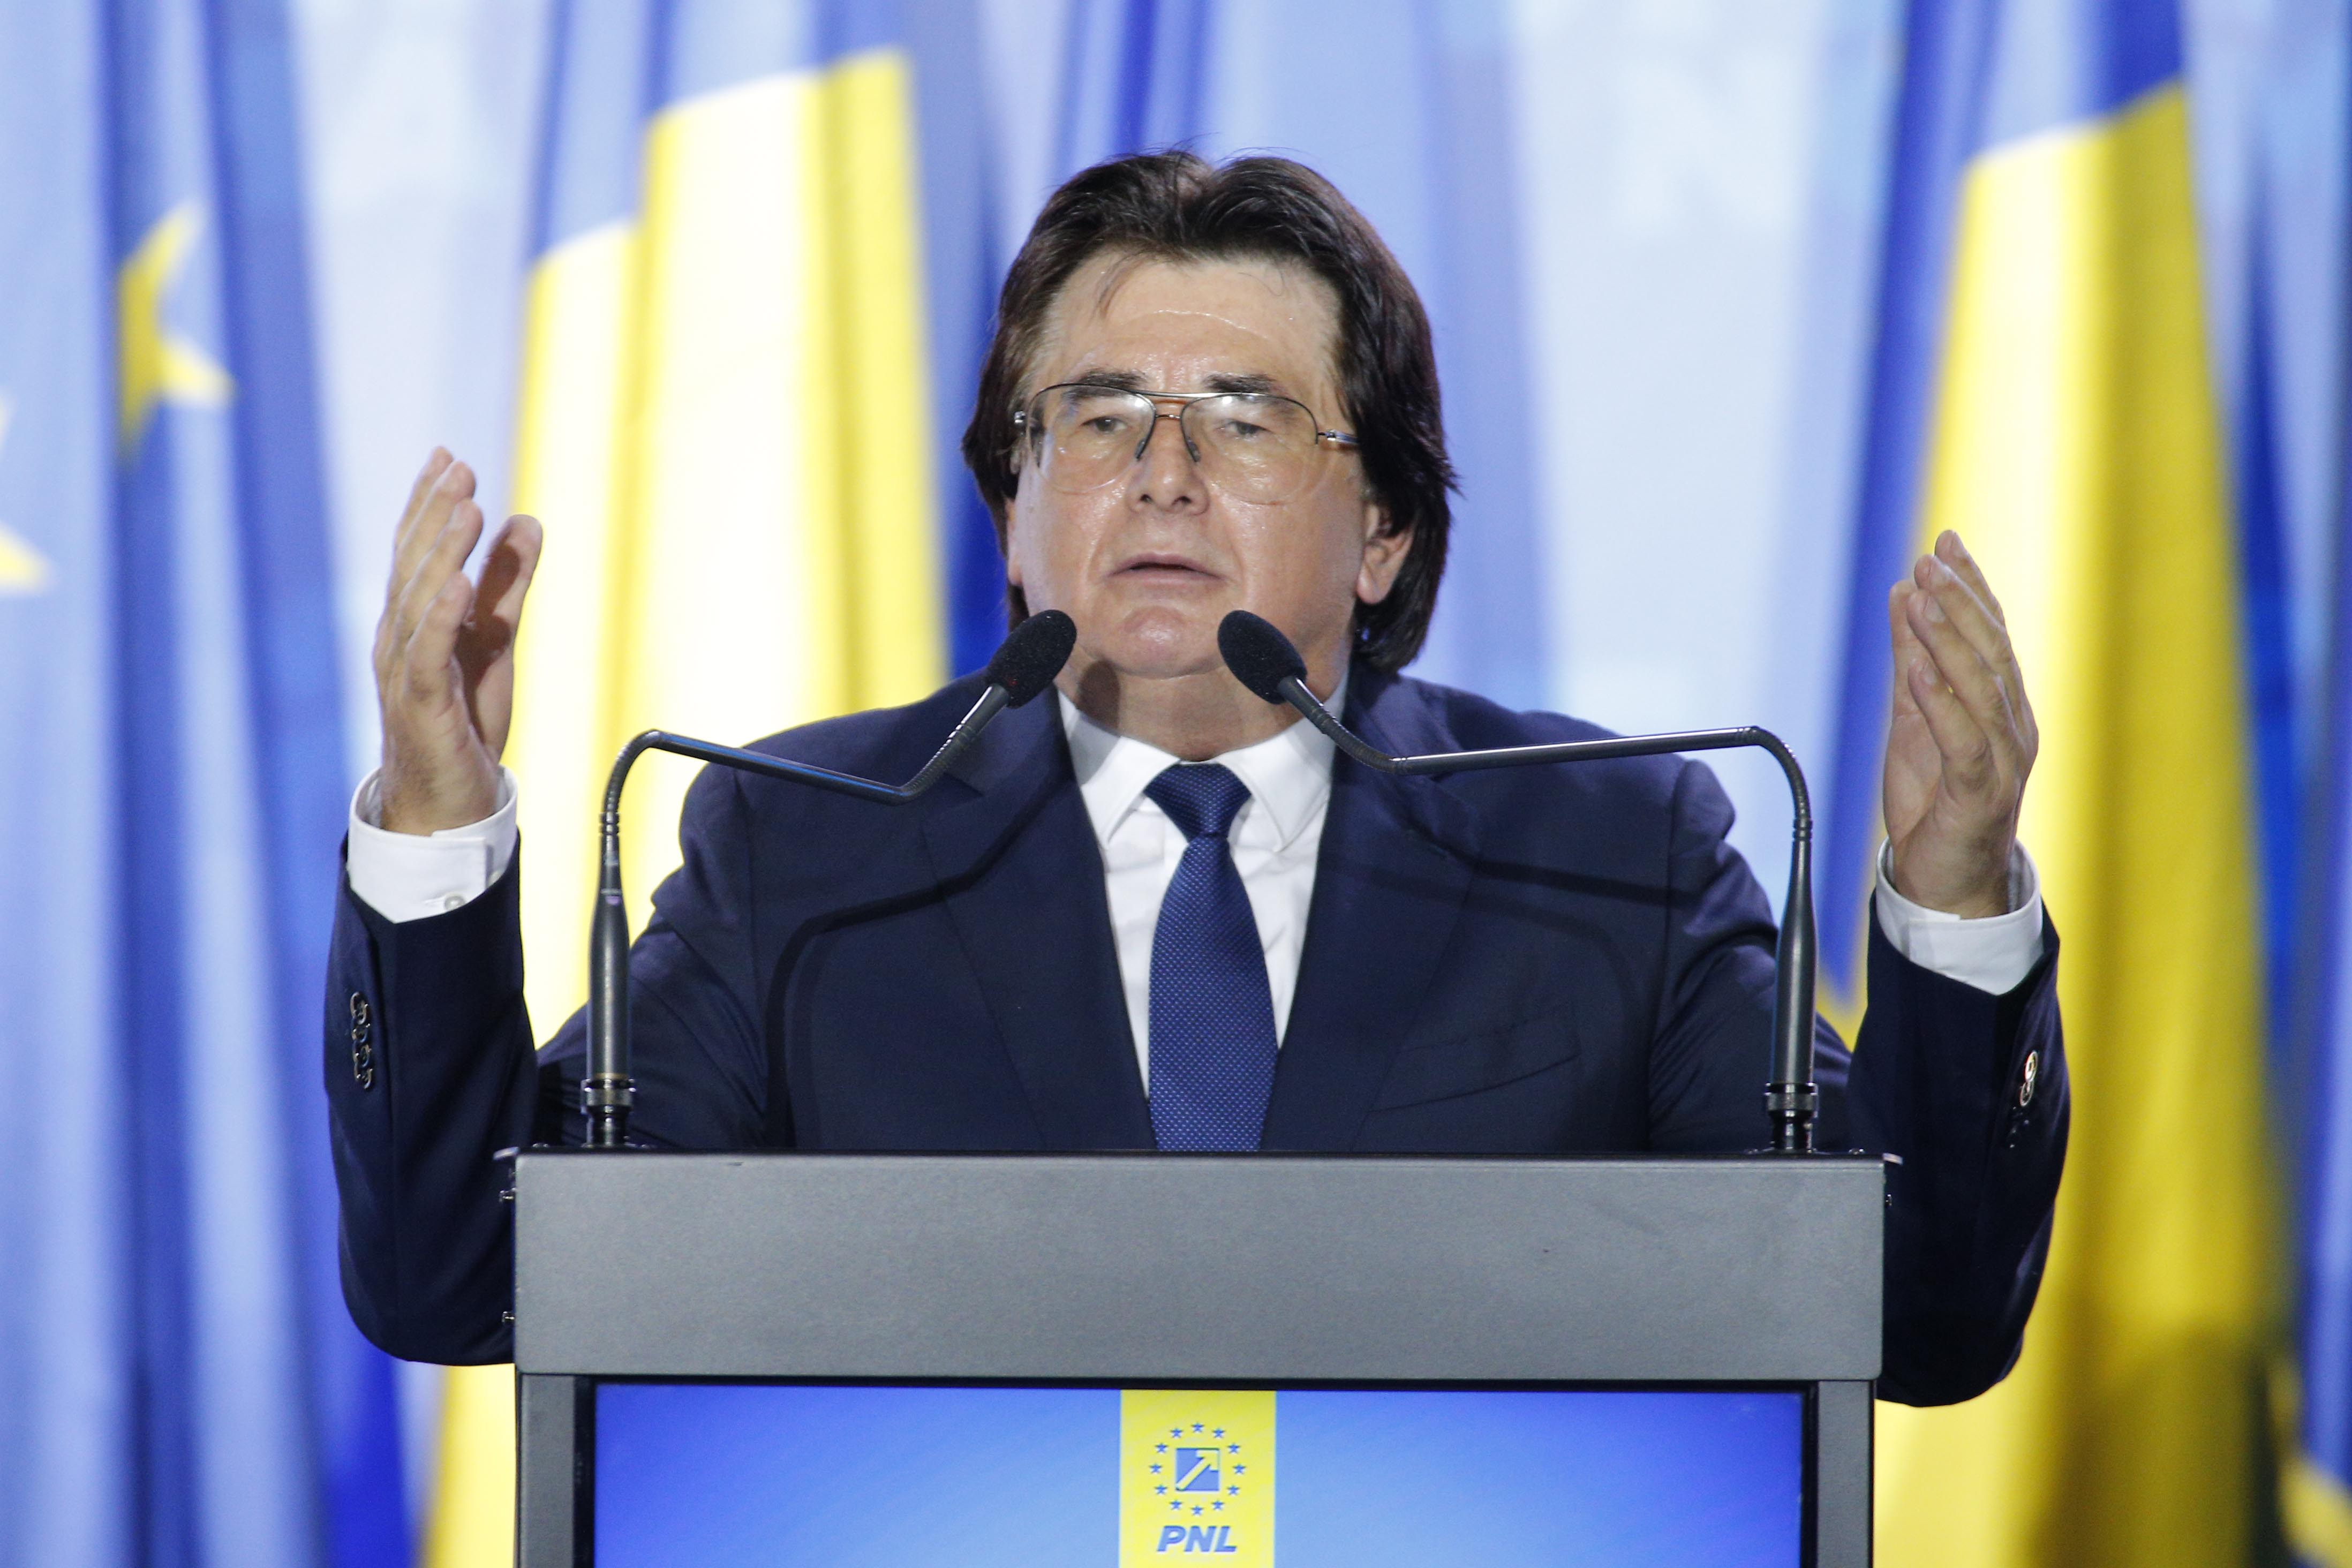 Primarul în funcţie al Timişoarei, Nicolae Robu, trimis în judecată în dosarul vânzărilor ilegale de locuinţe